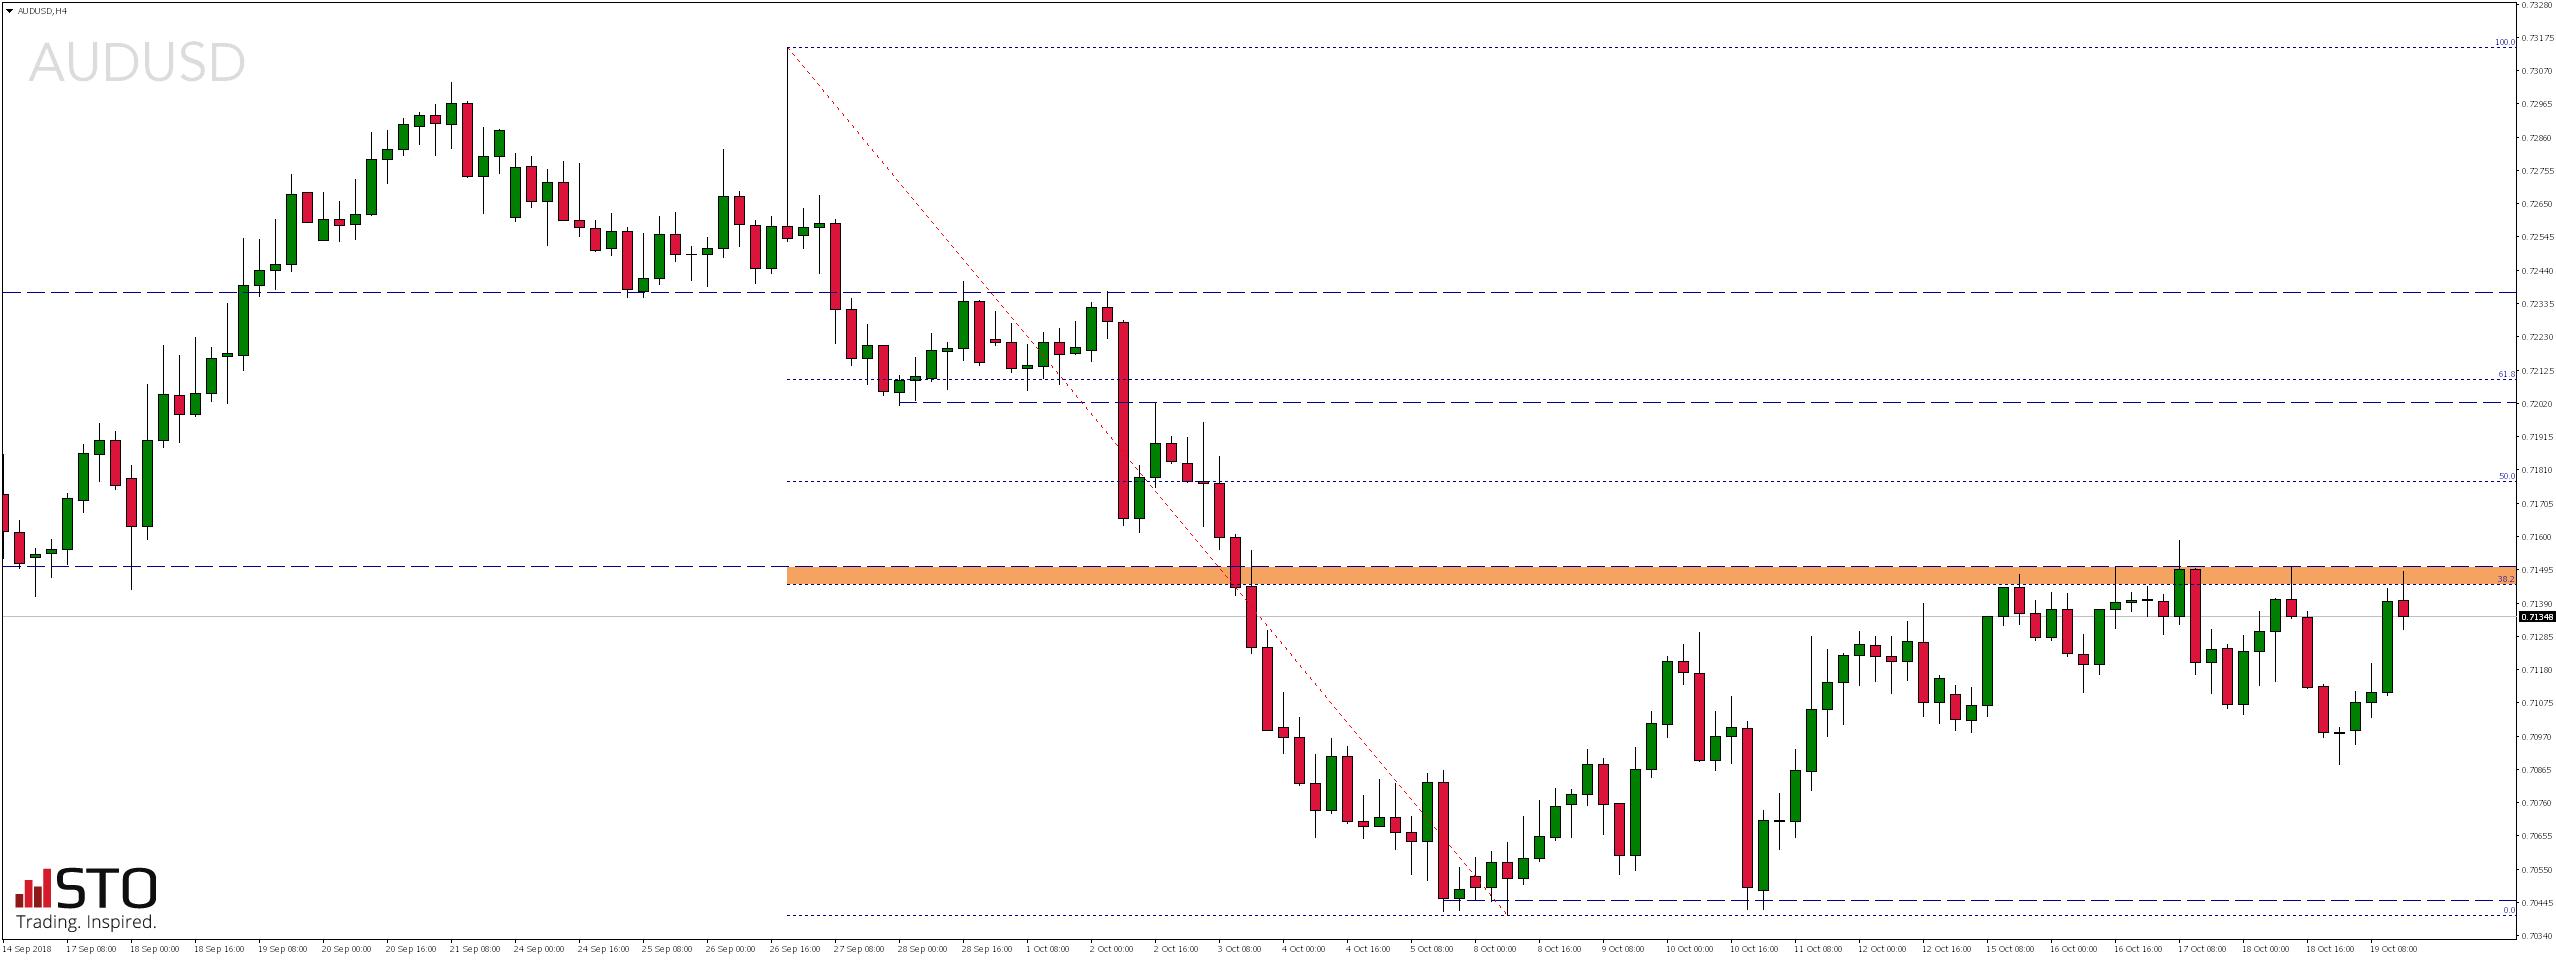 Piątkowy przegląd rynków - notowania pary walutowej AUDUSD